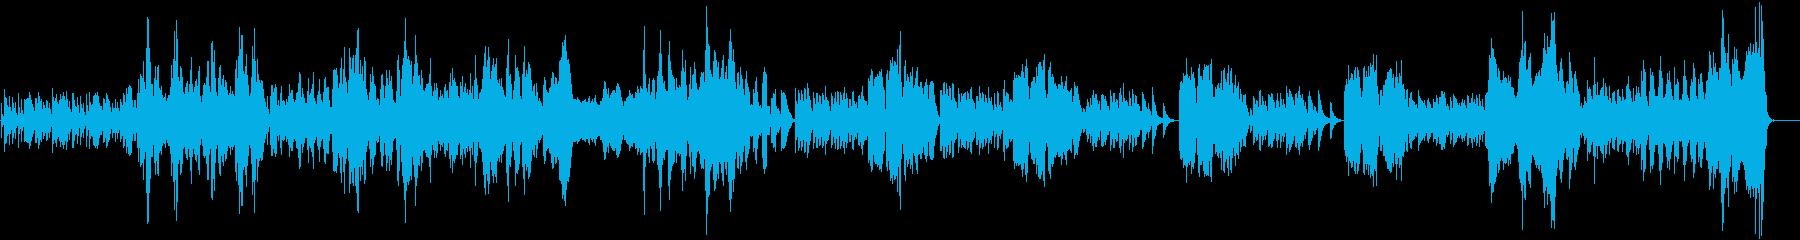 生演奏バロック風モーツァルトのソナタ2章の再生済みの波形